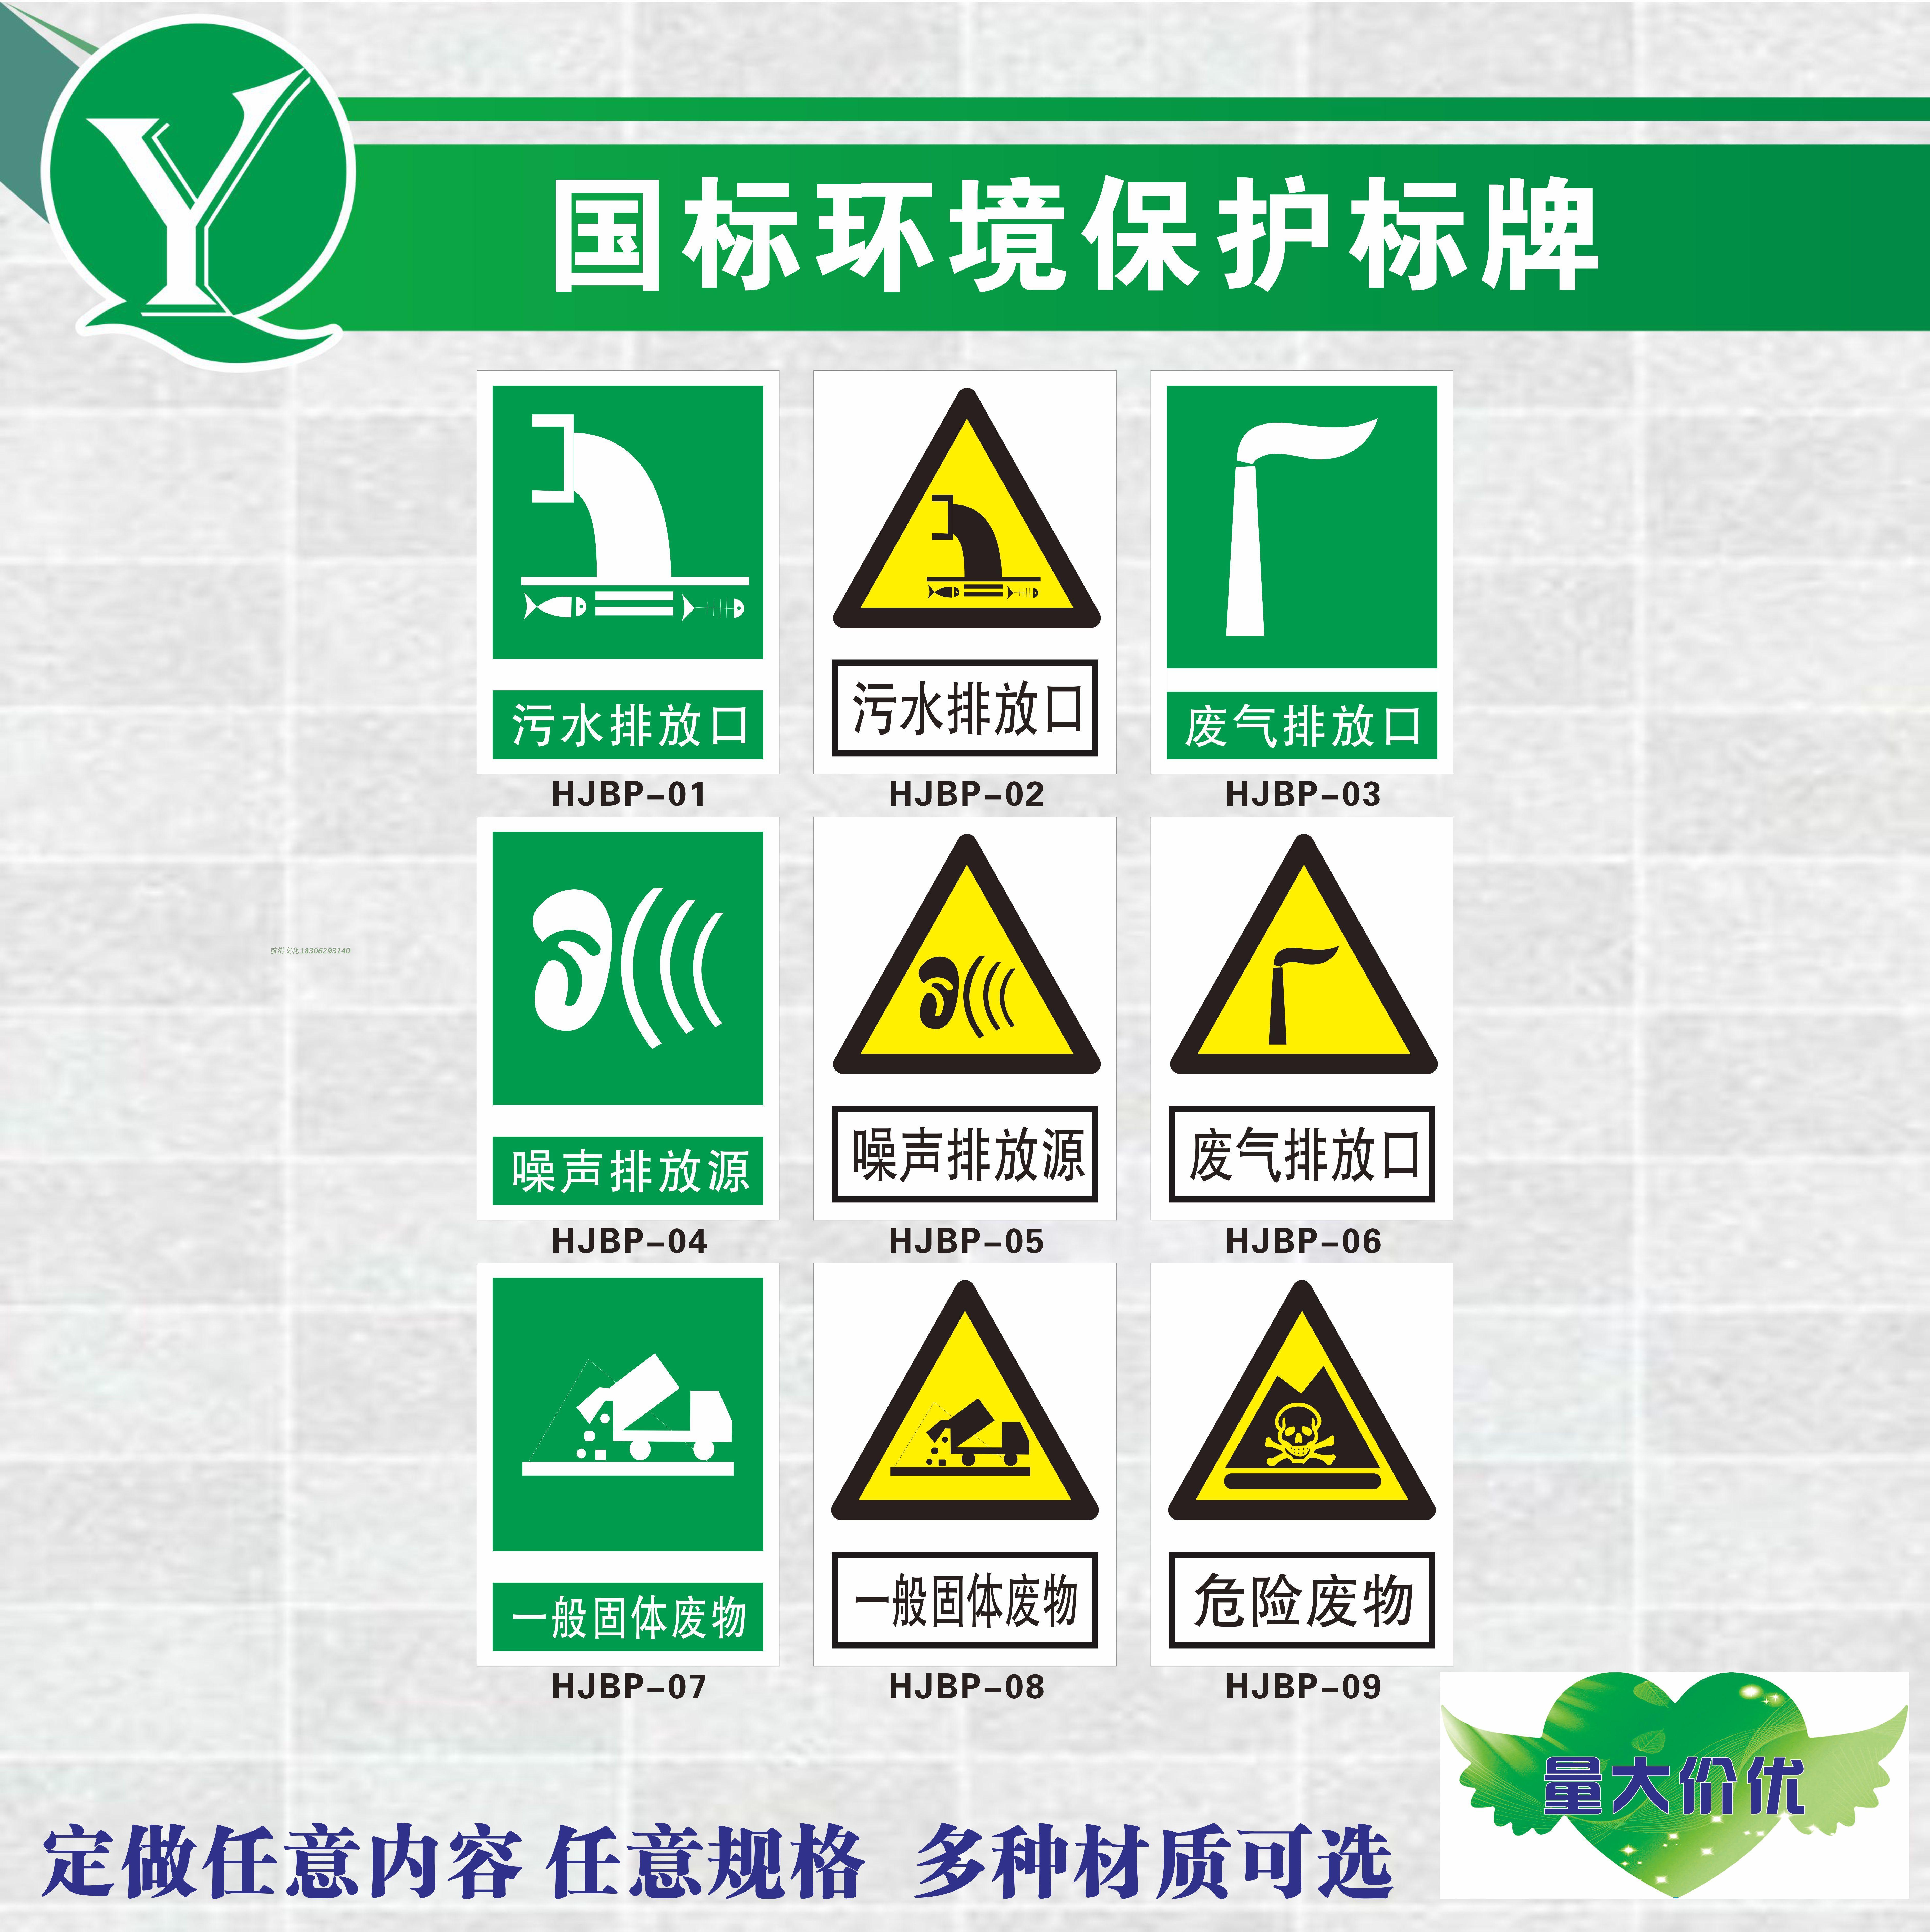 仓库标识存储废物标志牌危废处置型录场所a仓库废物固体车间设计是vi设计吗图片